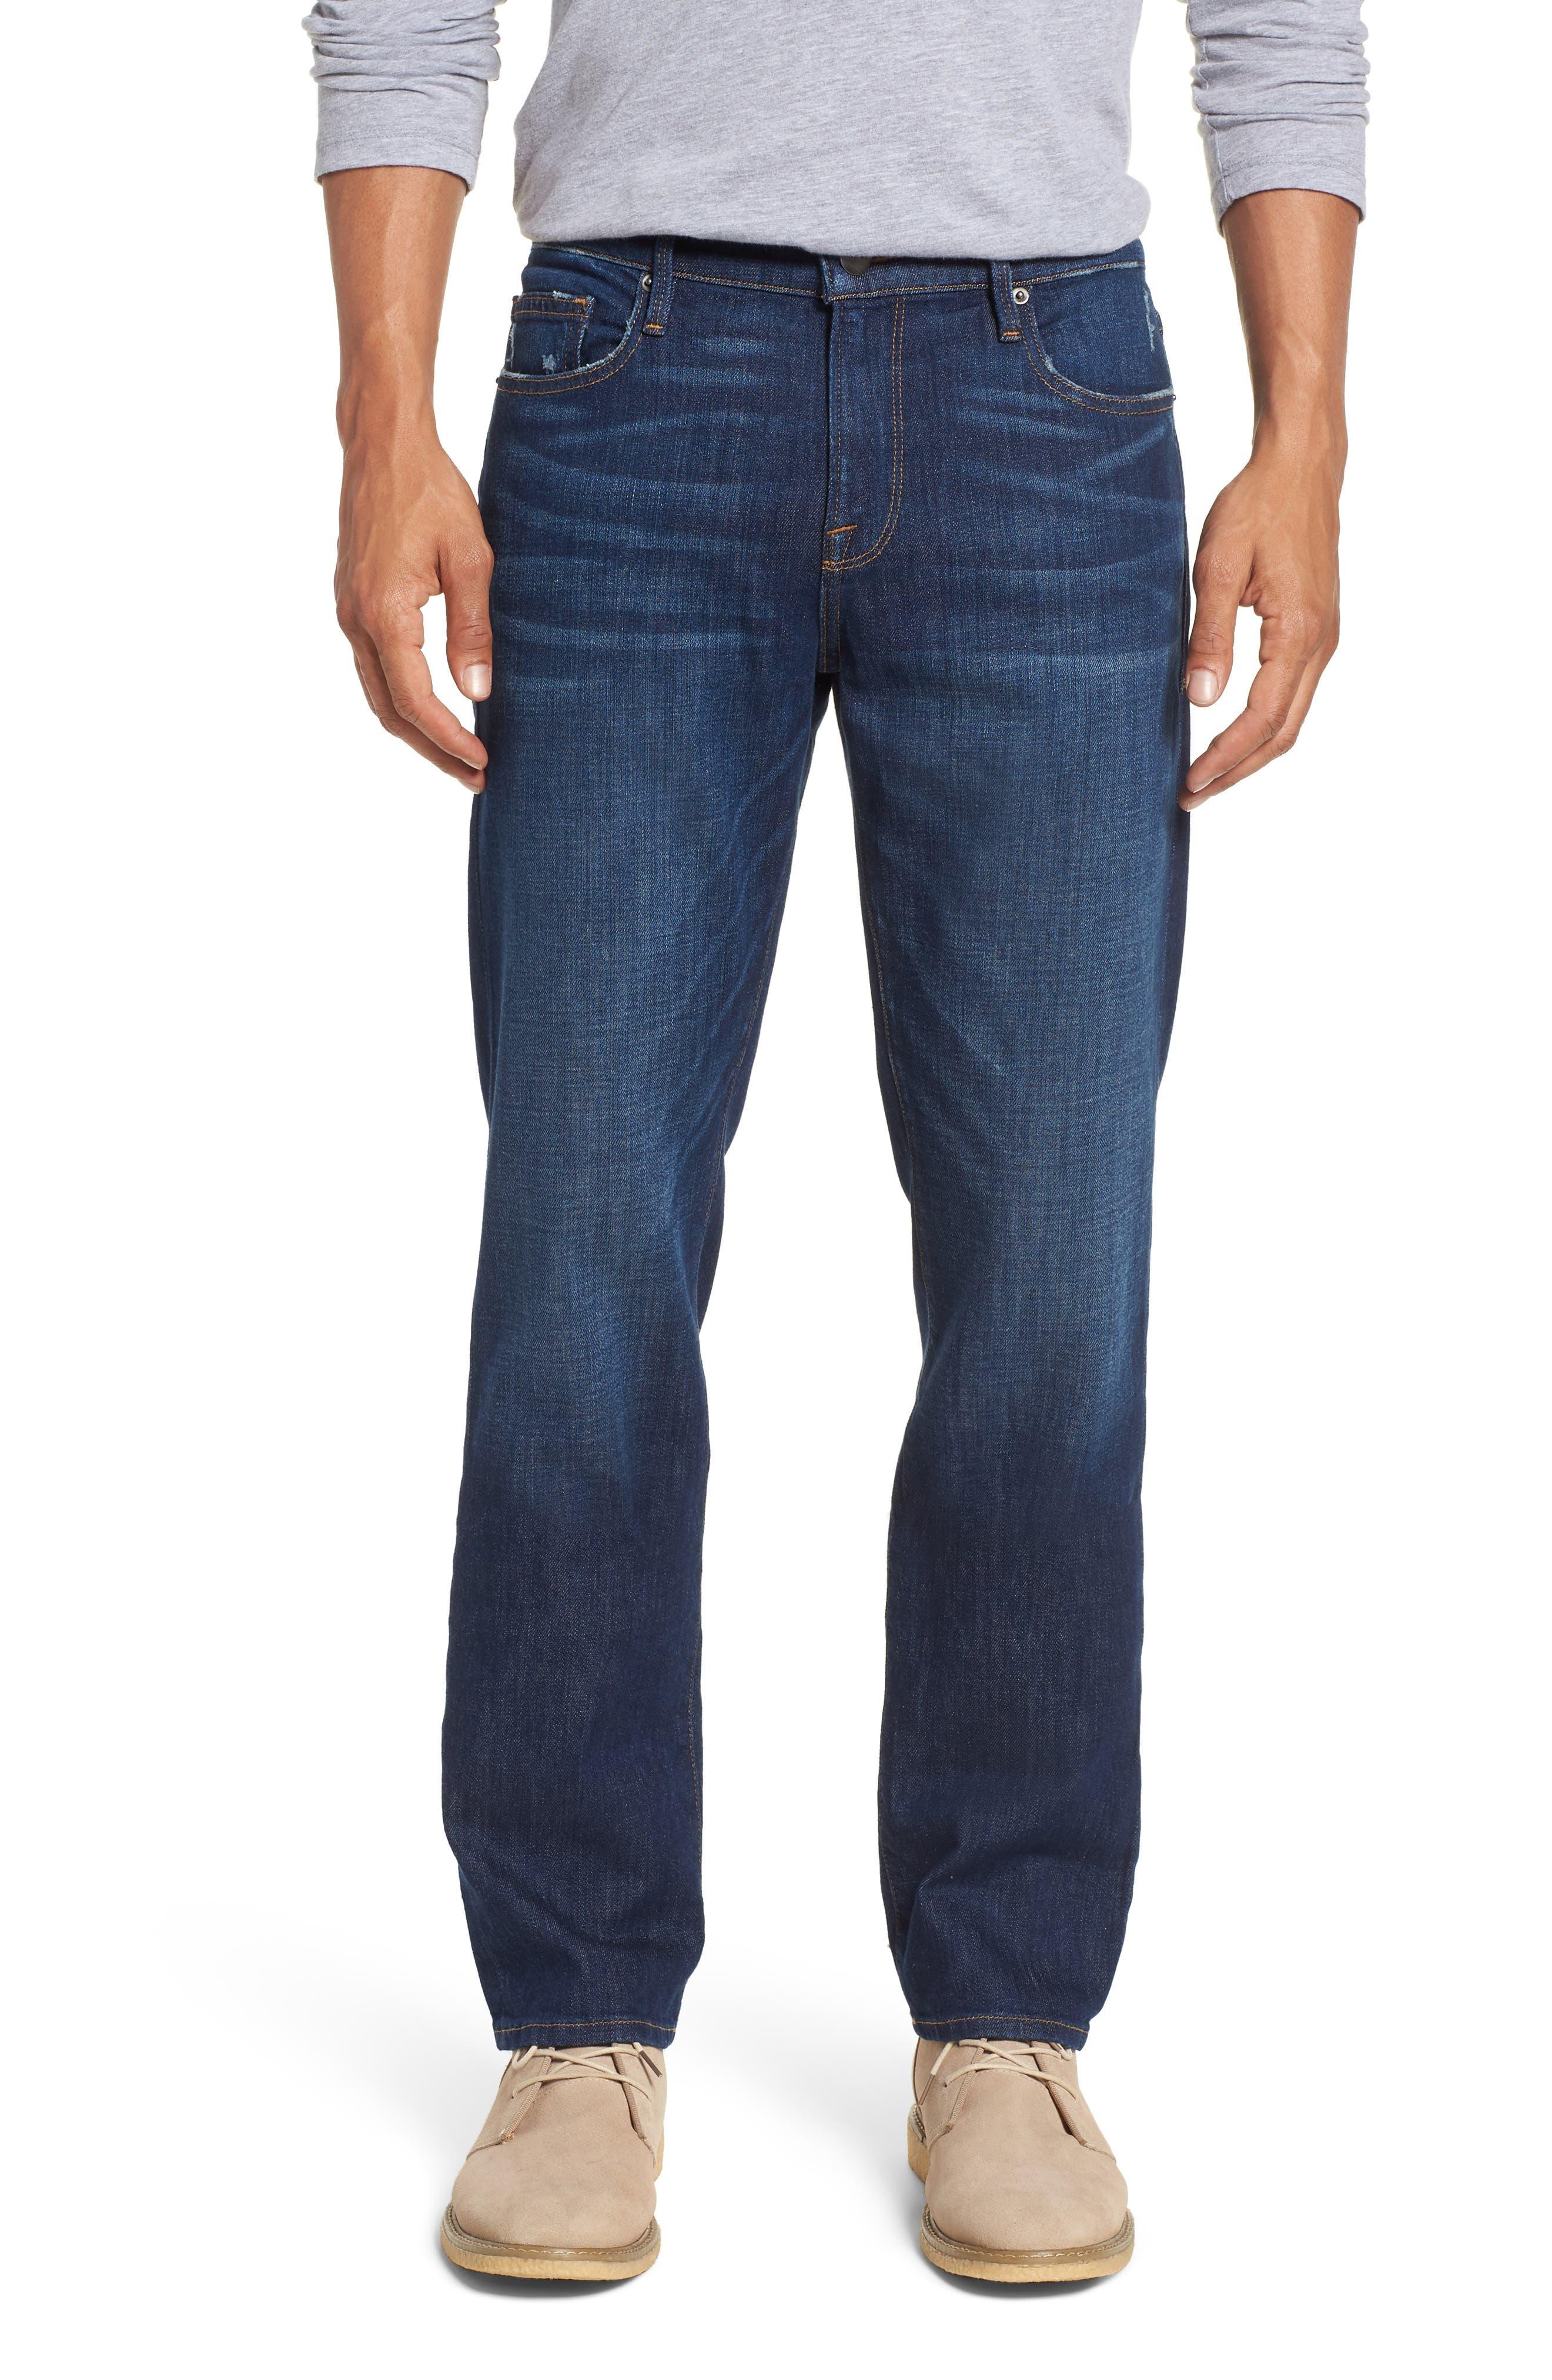 L'Homme Slim Fit Jeans,                             Main thumbnail 1, color,                             420